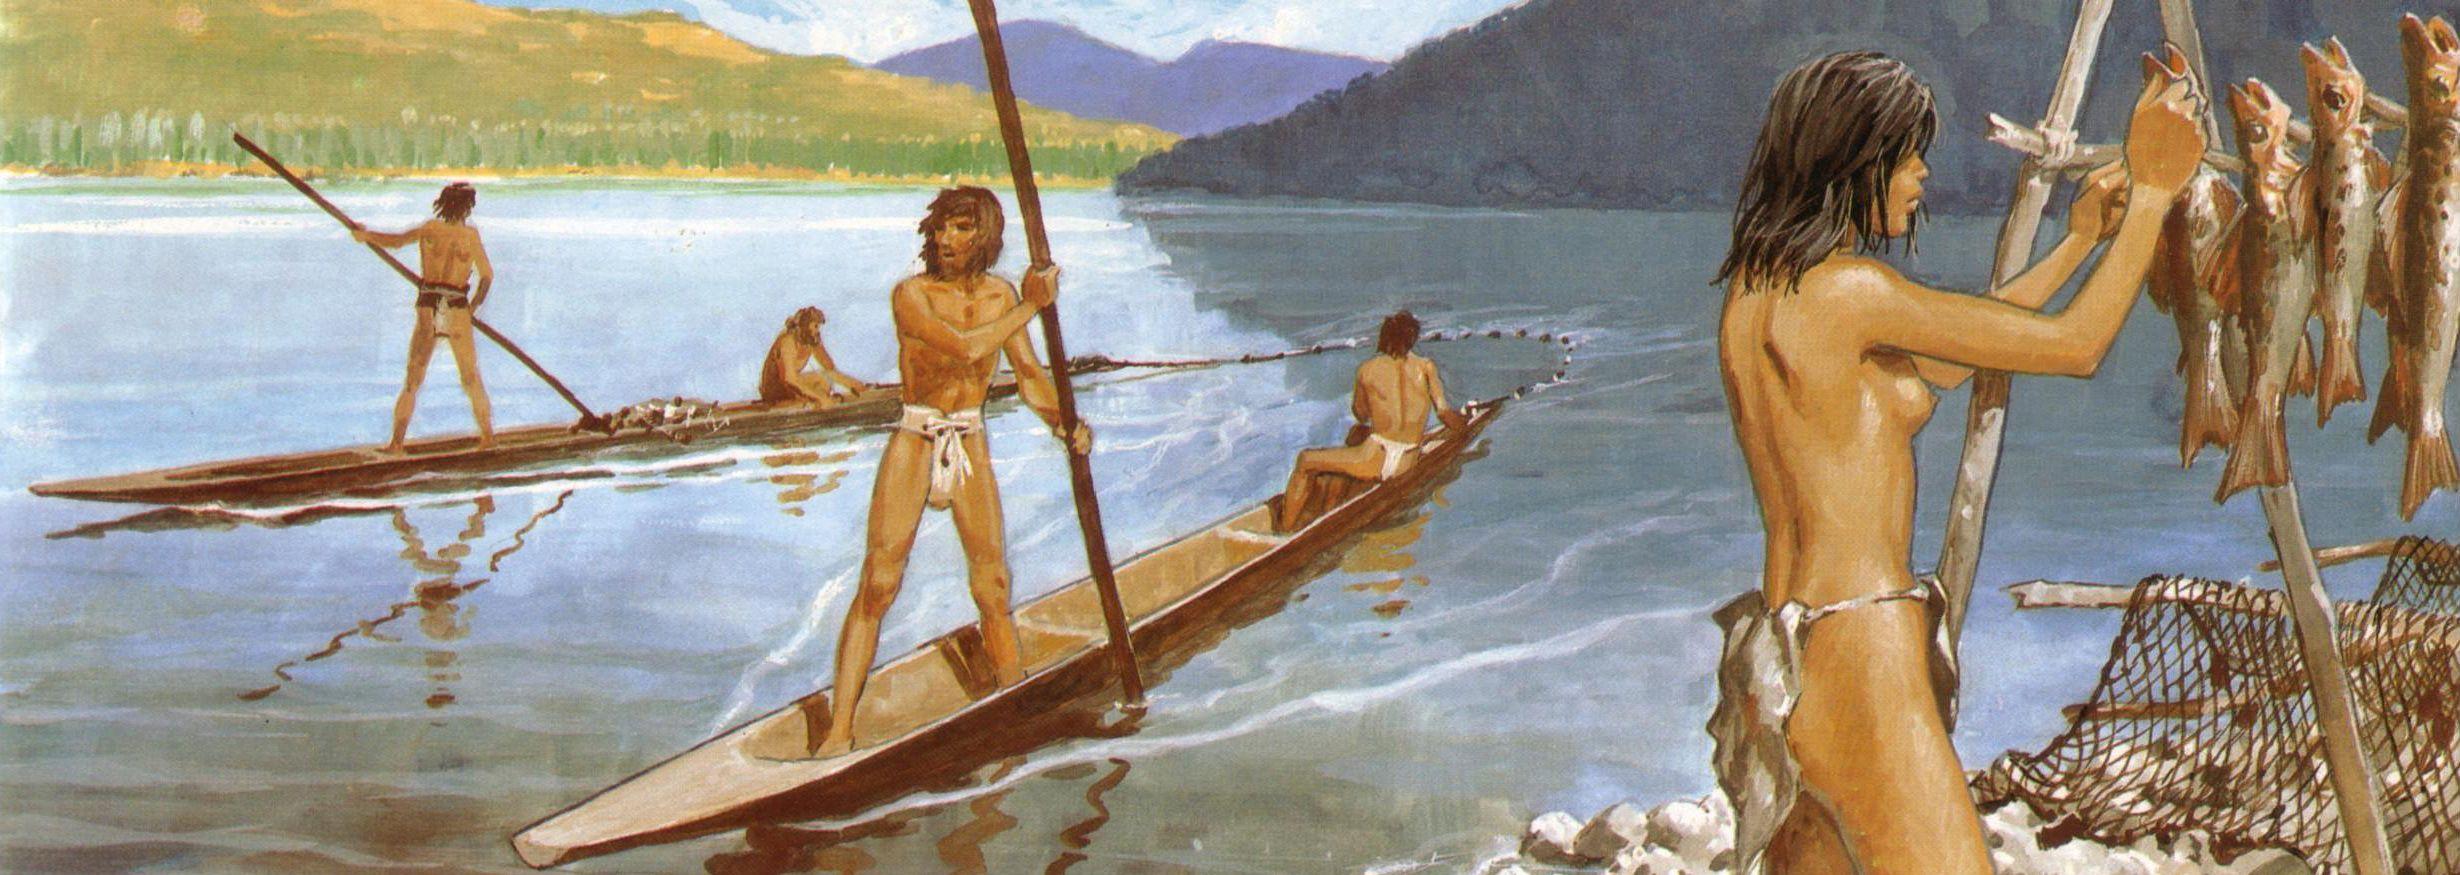 Картинки рыболовы и охотники египта, текстом